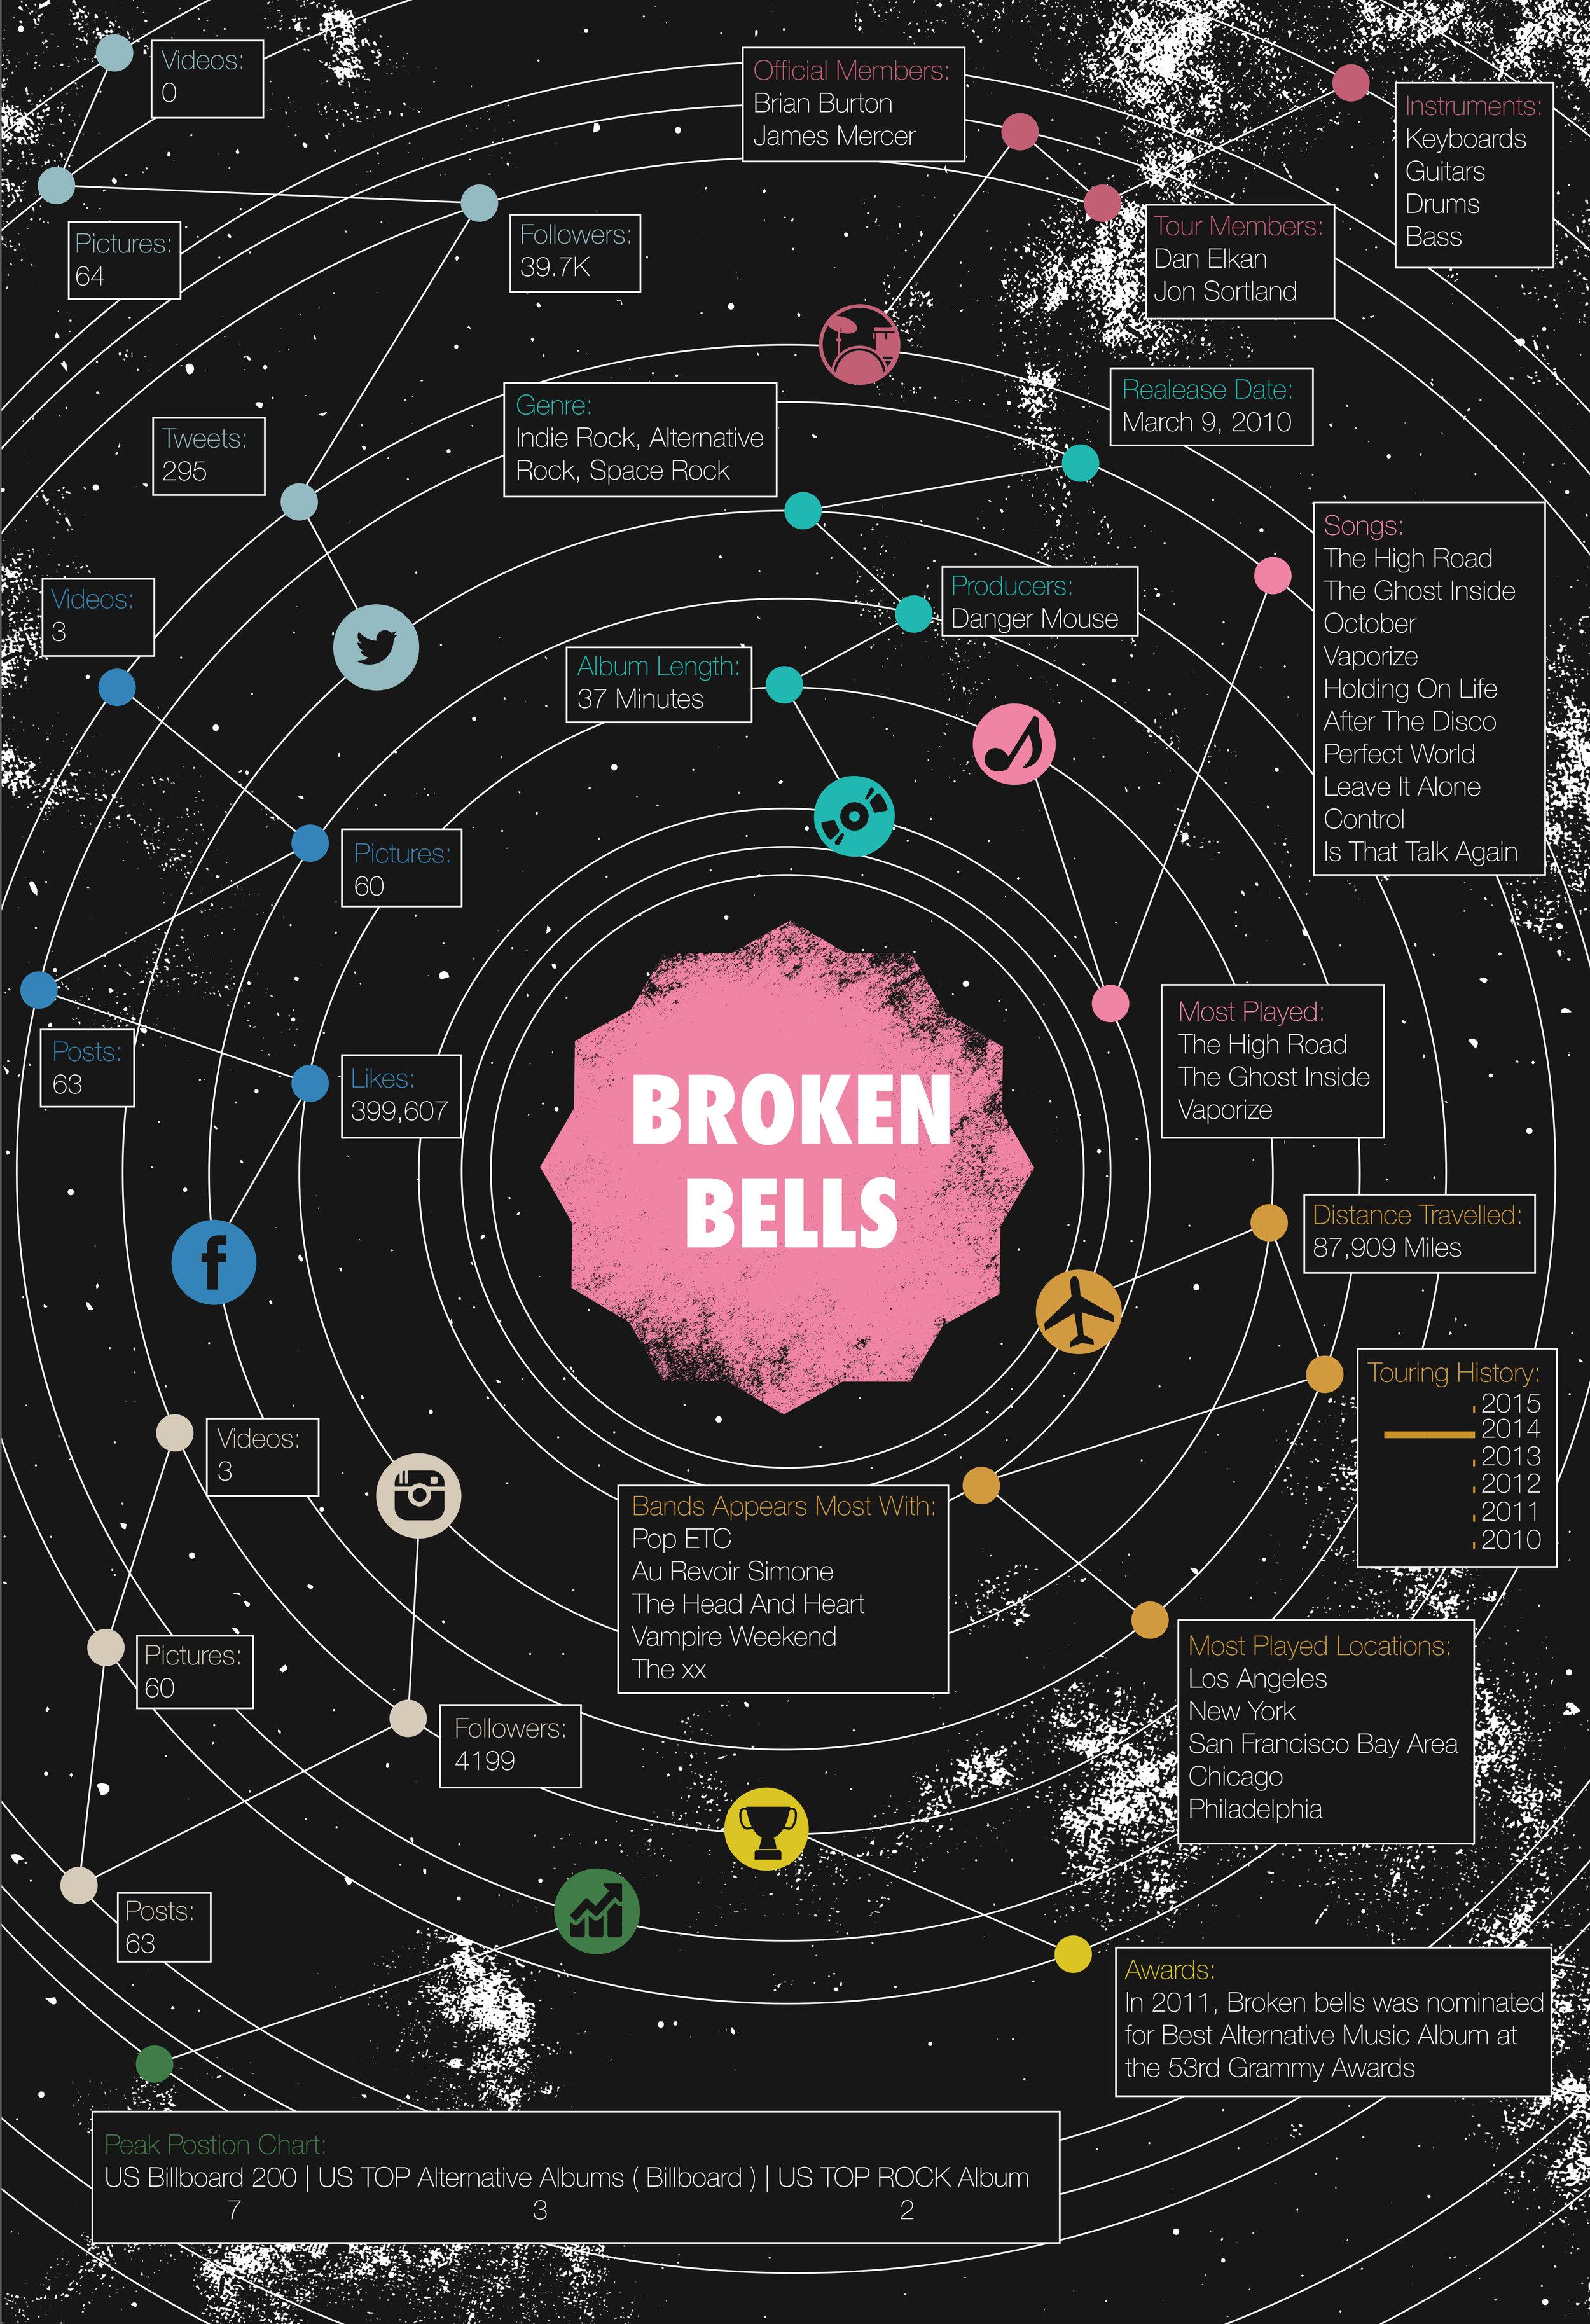 Graphic Design 03 — Broken Bells Infographic Poster